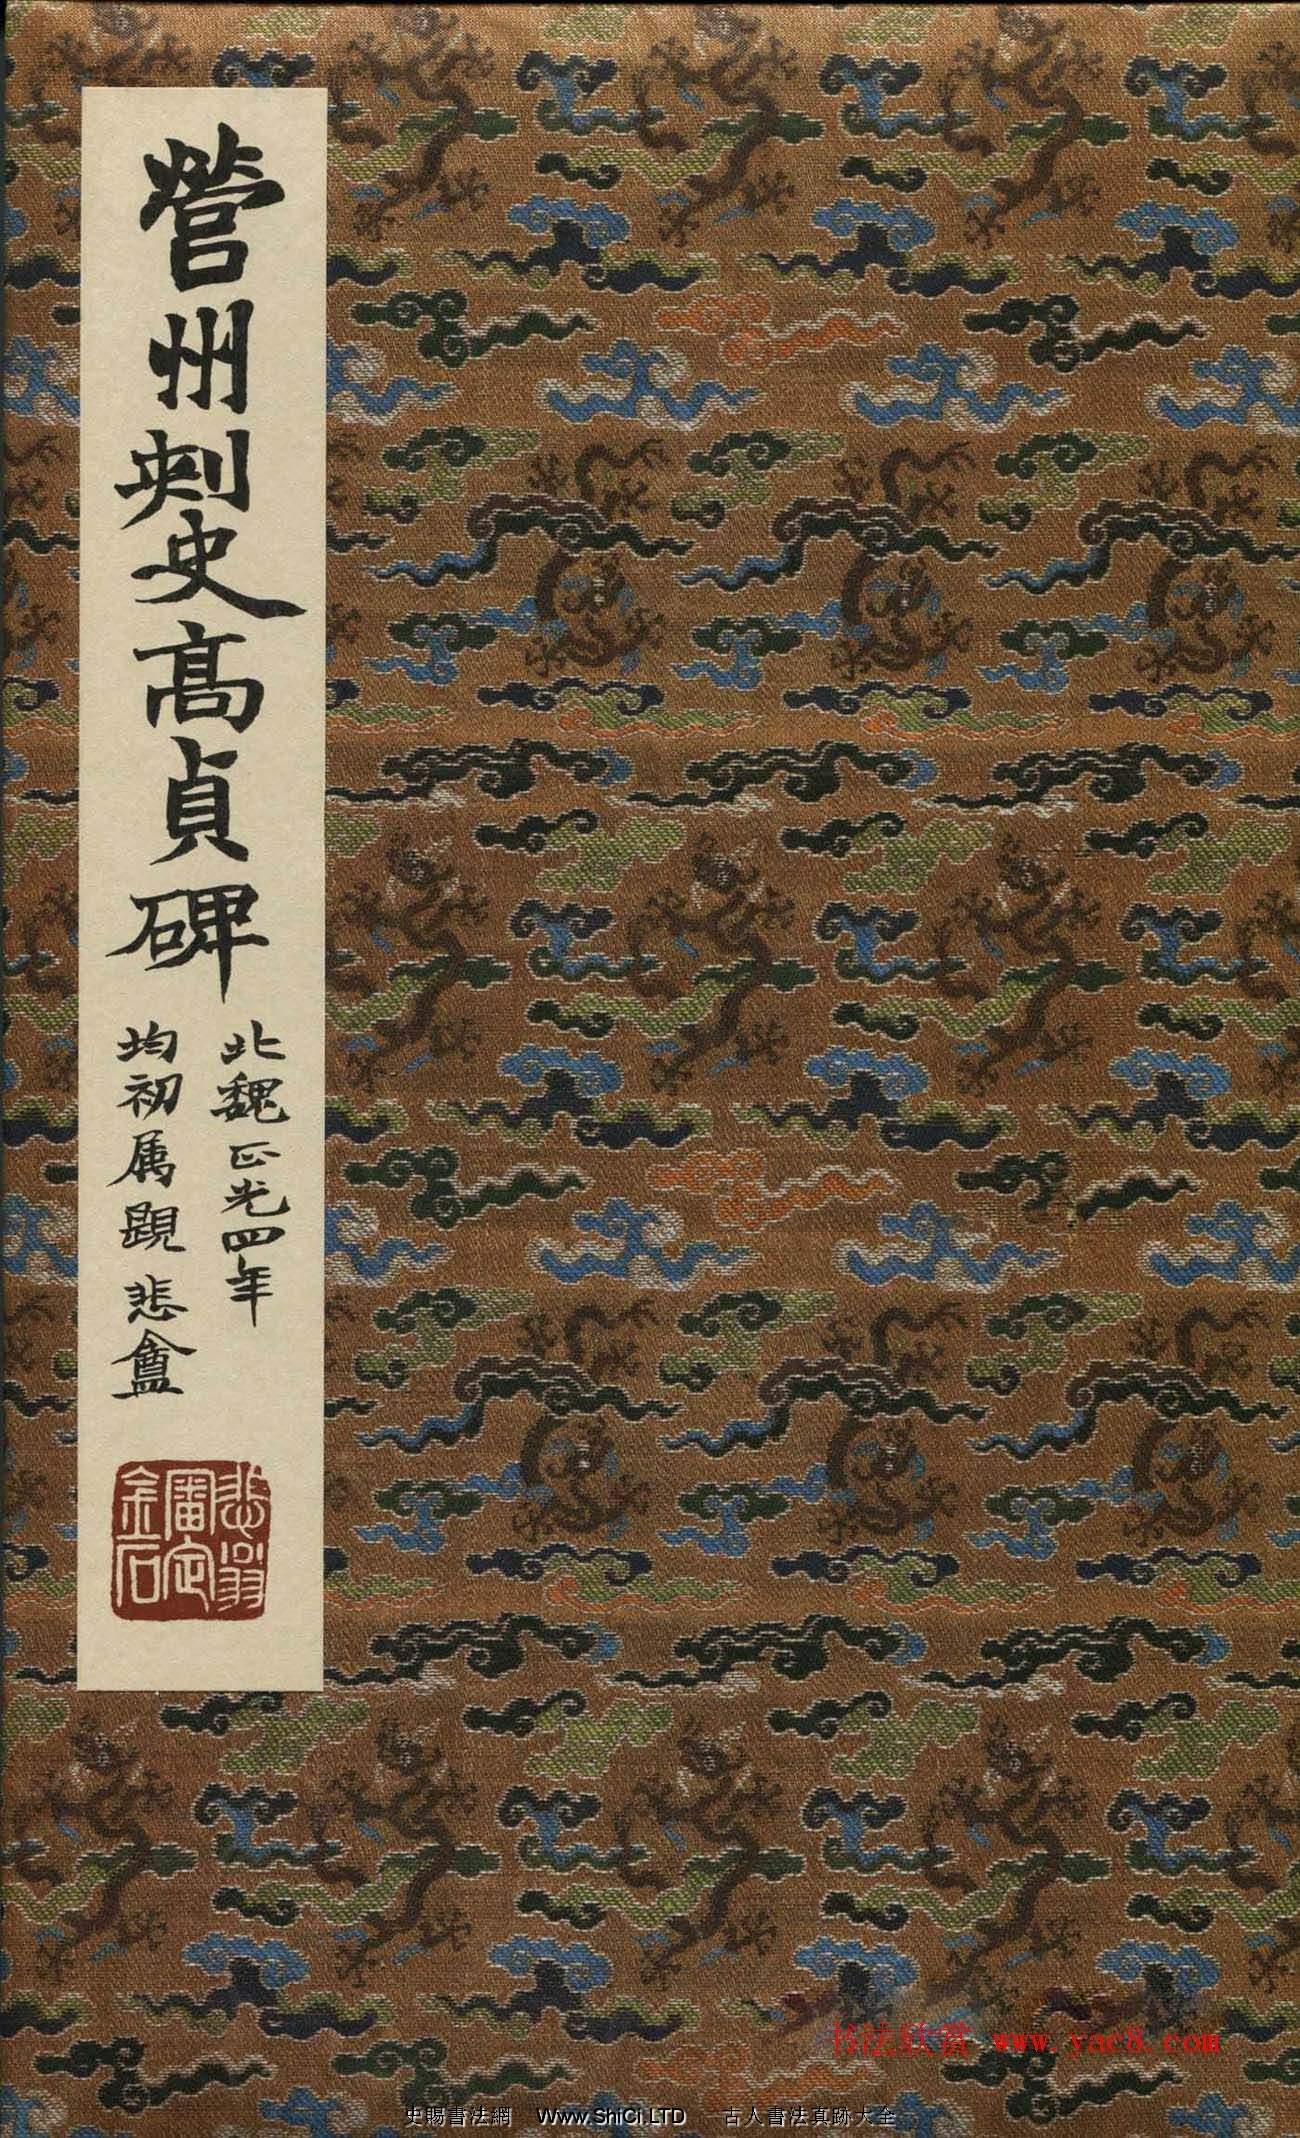 北魏楷書《高貞碑》日本二玄社原色法帖(共29張圖片)